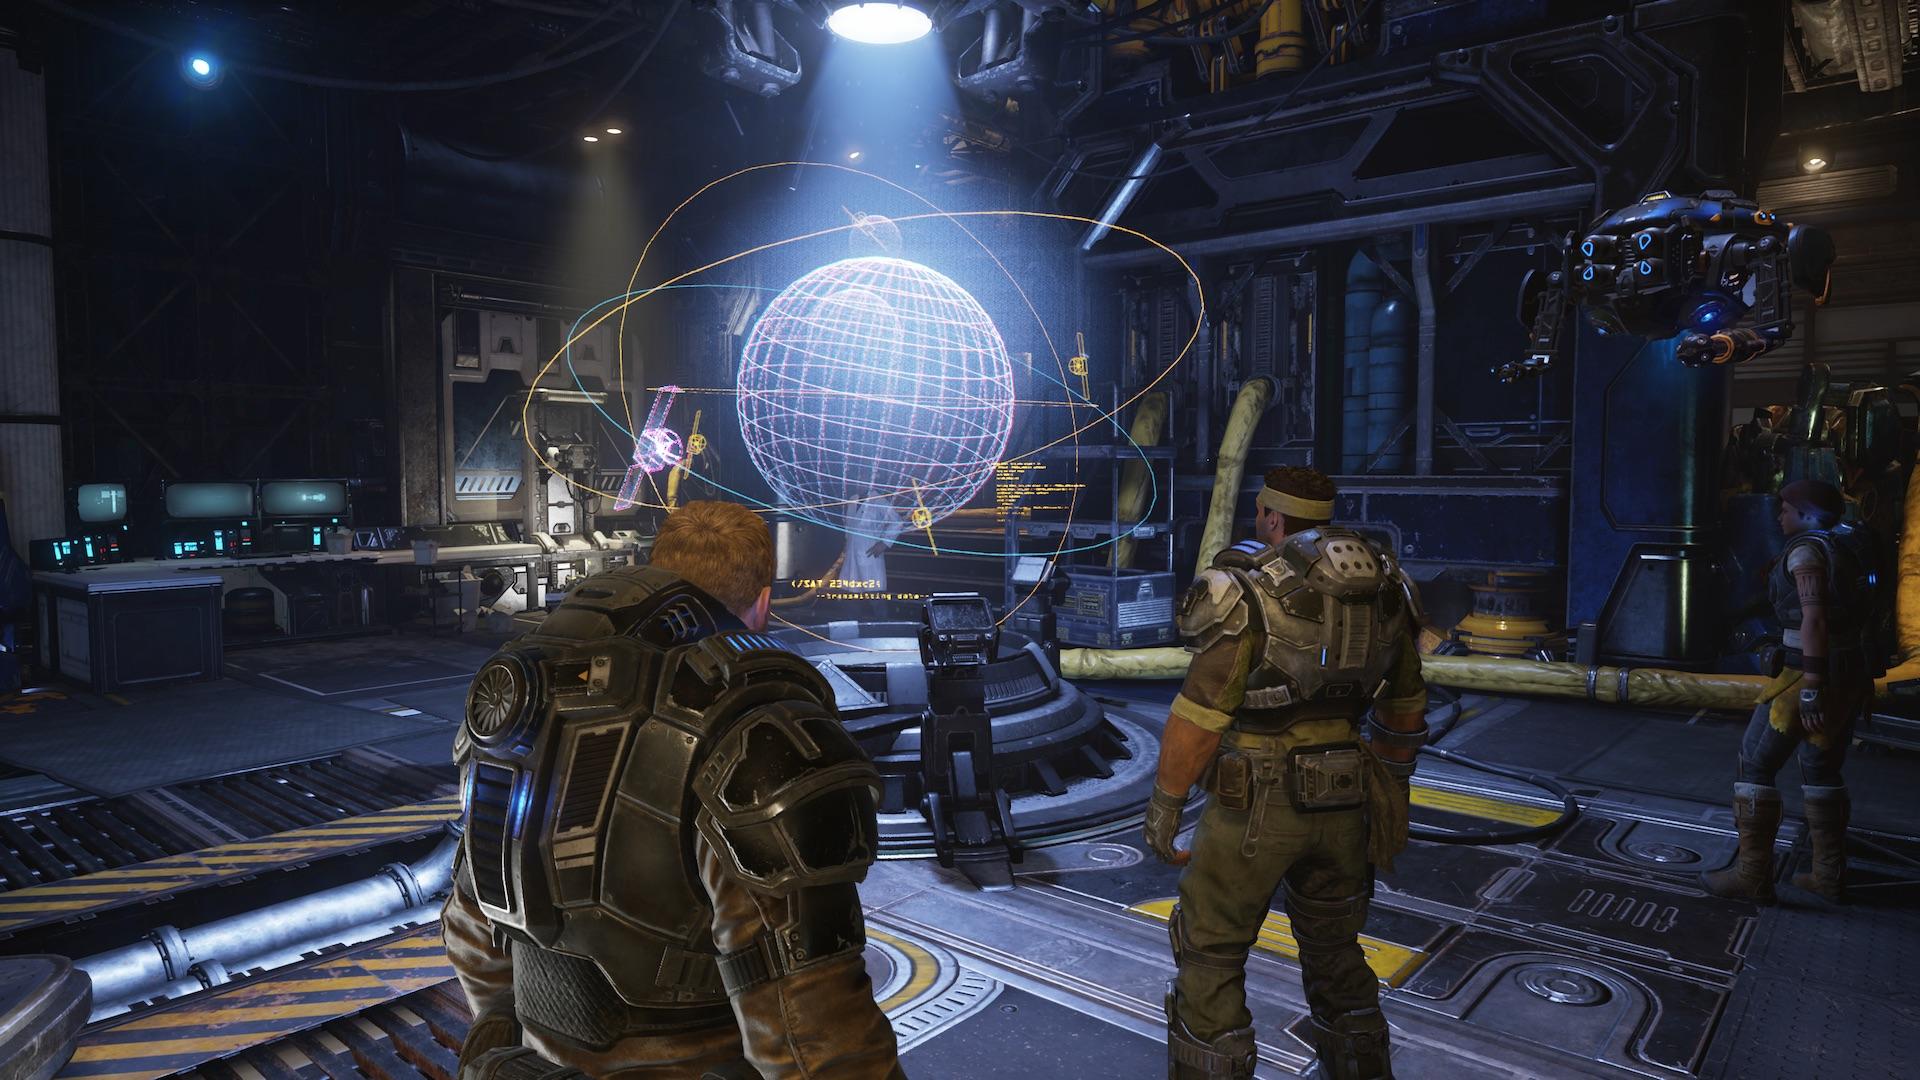 Наконец, чрезвычайно выдающаяся игра под флагом Microsoft. Gears 5 прекрасно экспериментирует с формой - обзор 4